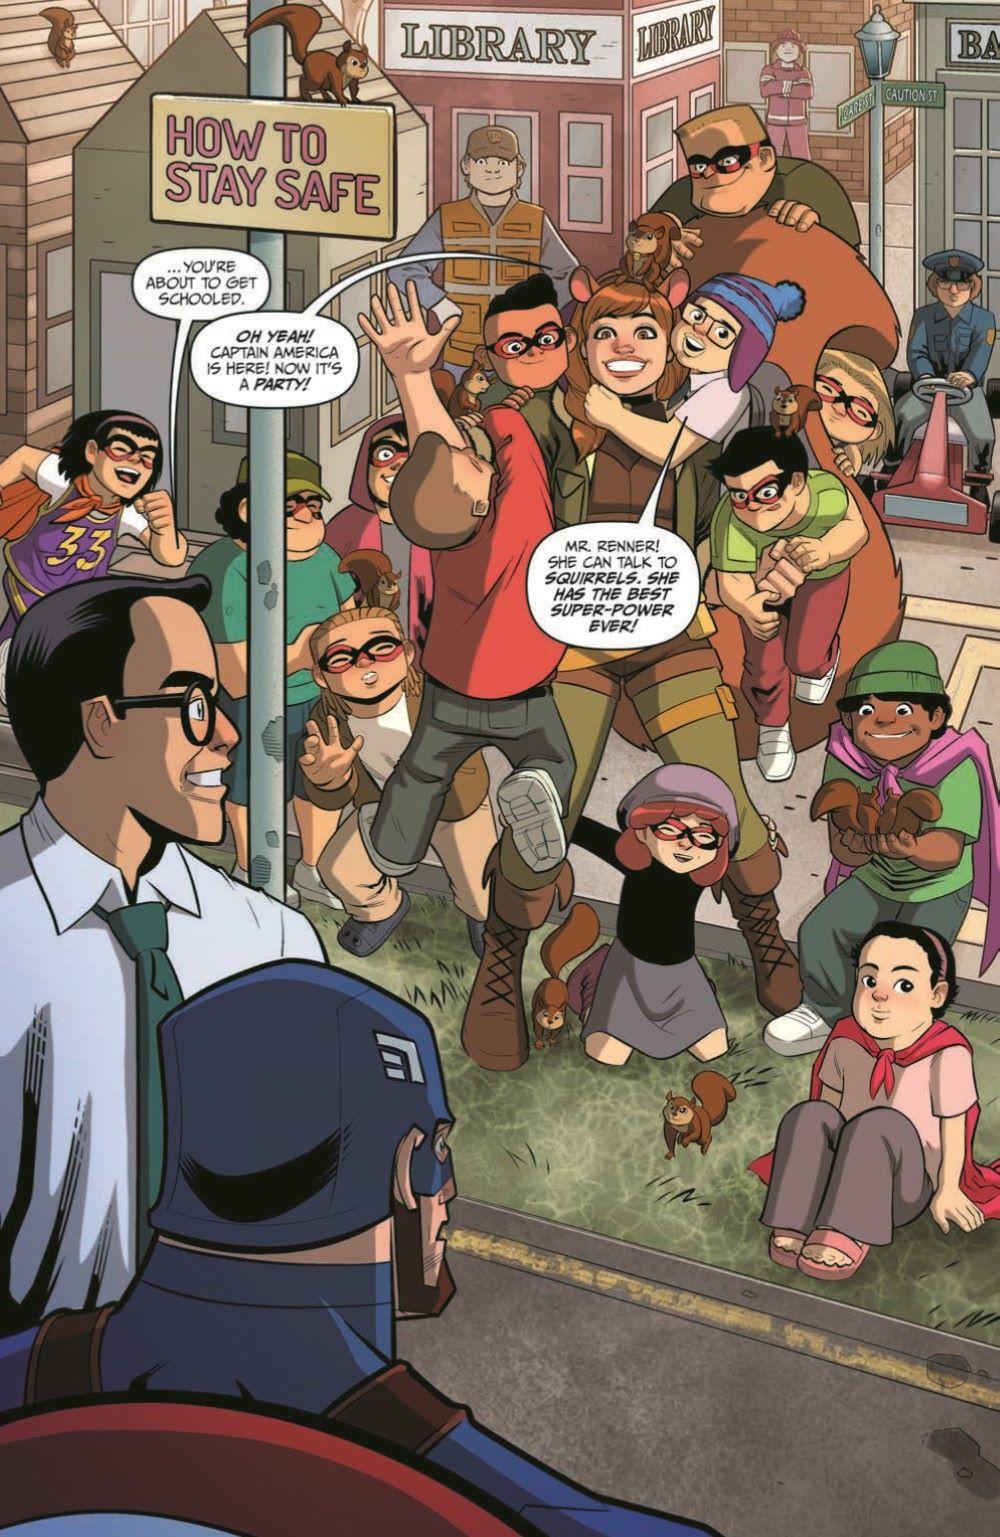 Marvel_Avengers_02_pr-6 ComicList Previews: MARVEL ACTION AVENGERS VOLUME 2 #2